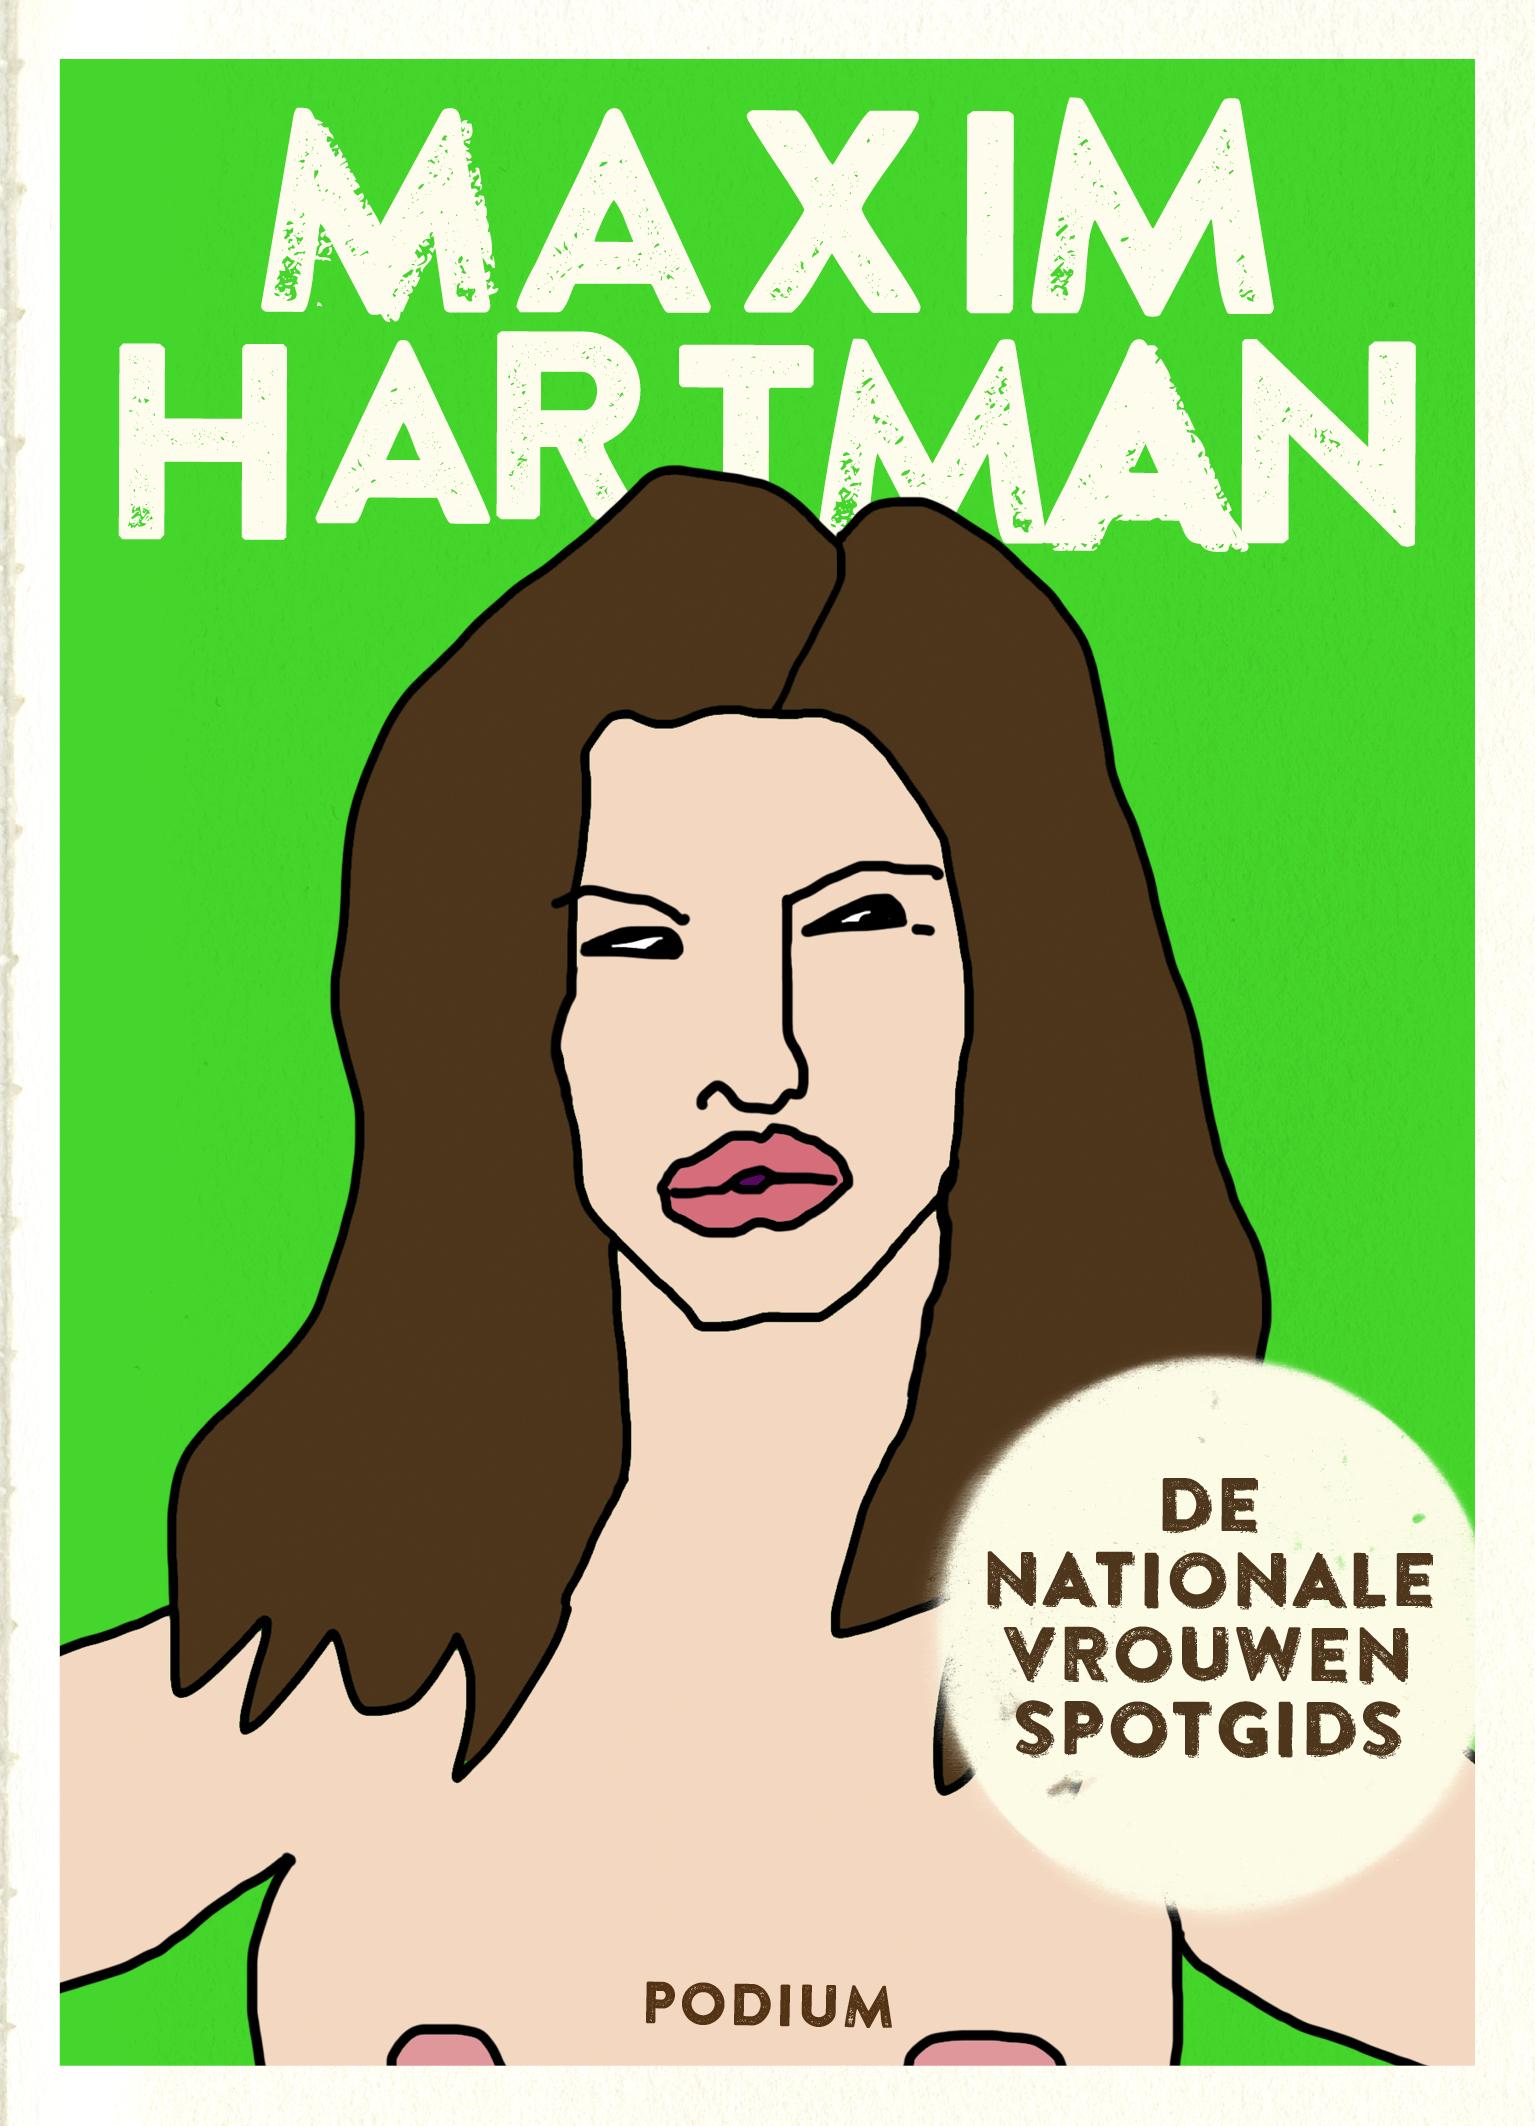 De nationale vrouwenspotgids – Maxim Hartman